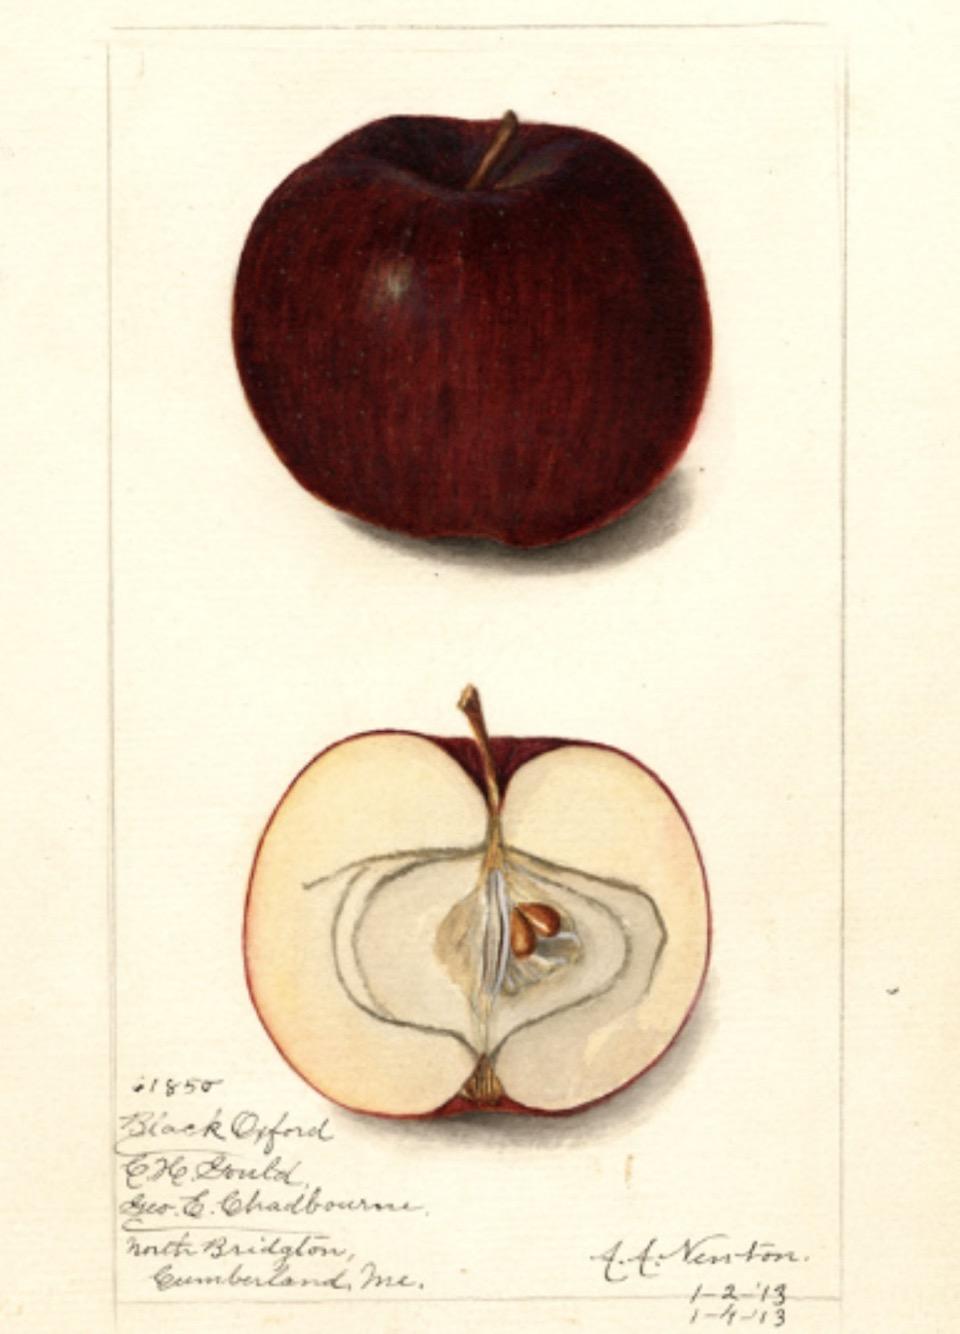 Historische Abbildung eines dunkelvioletten und eines aufgeschnittenen Apfels; USDA